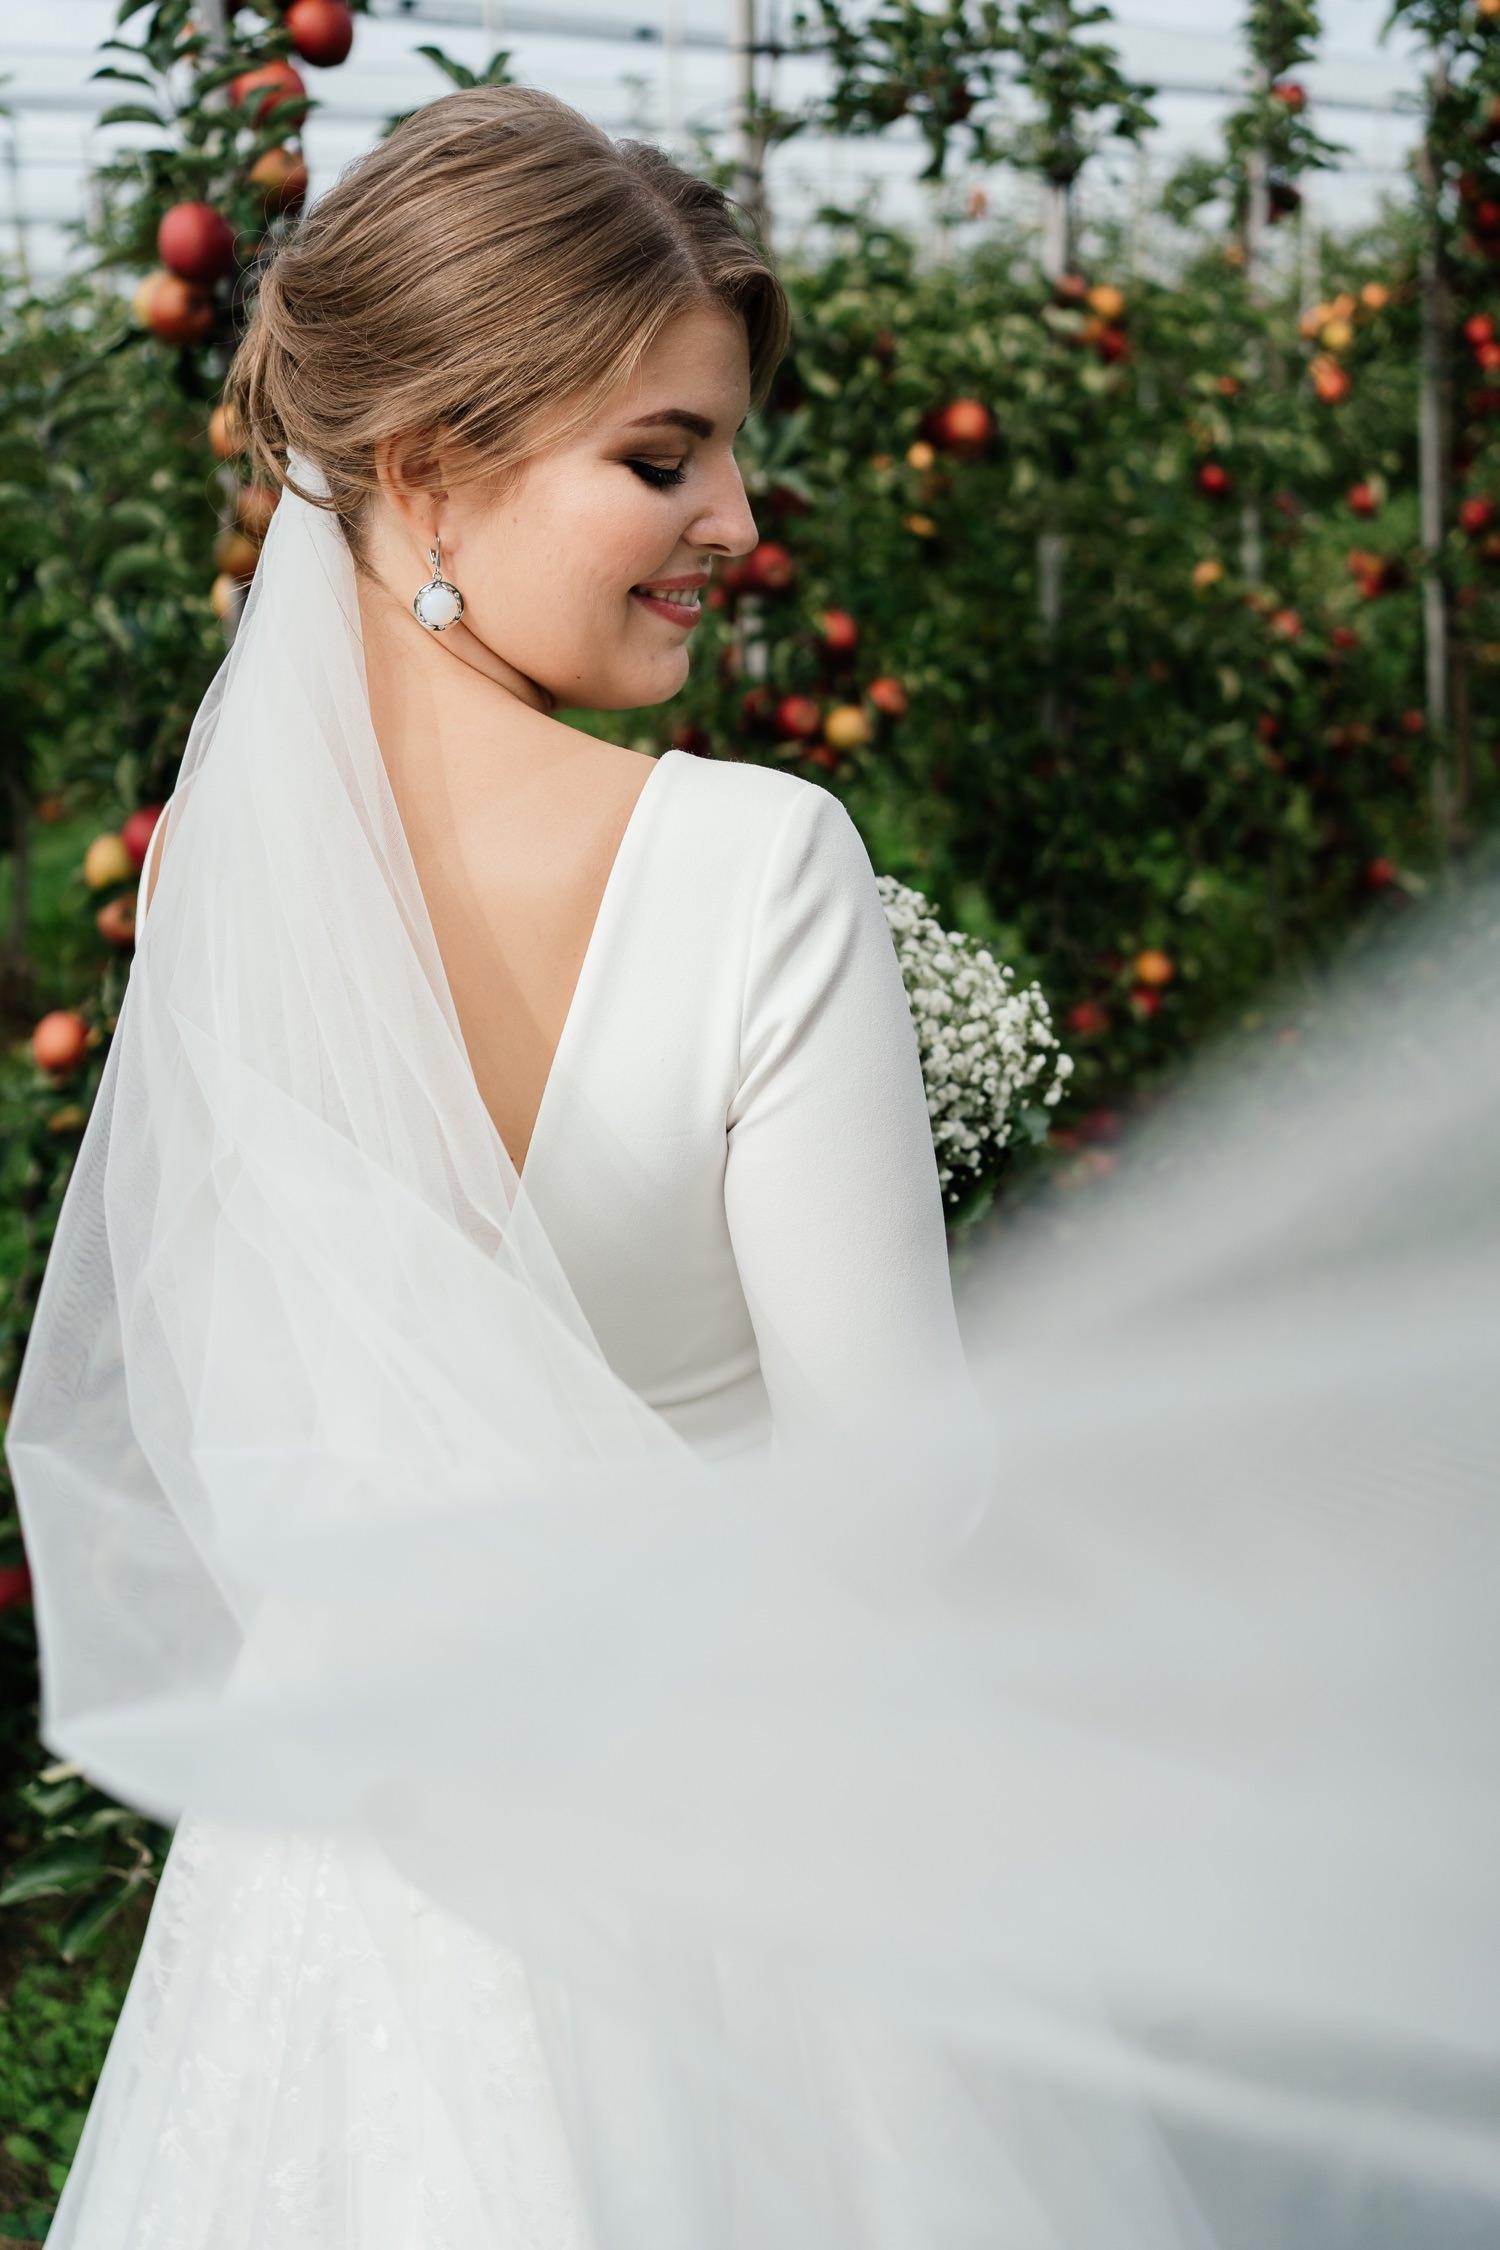 Fotografin für Hochzeitsfotos am Bodensee